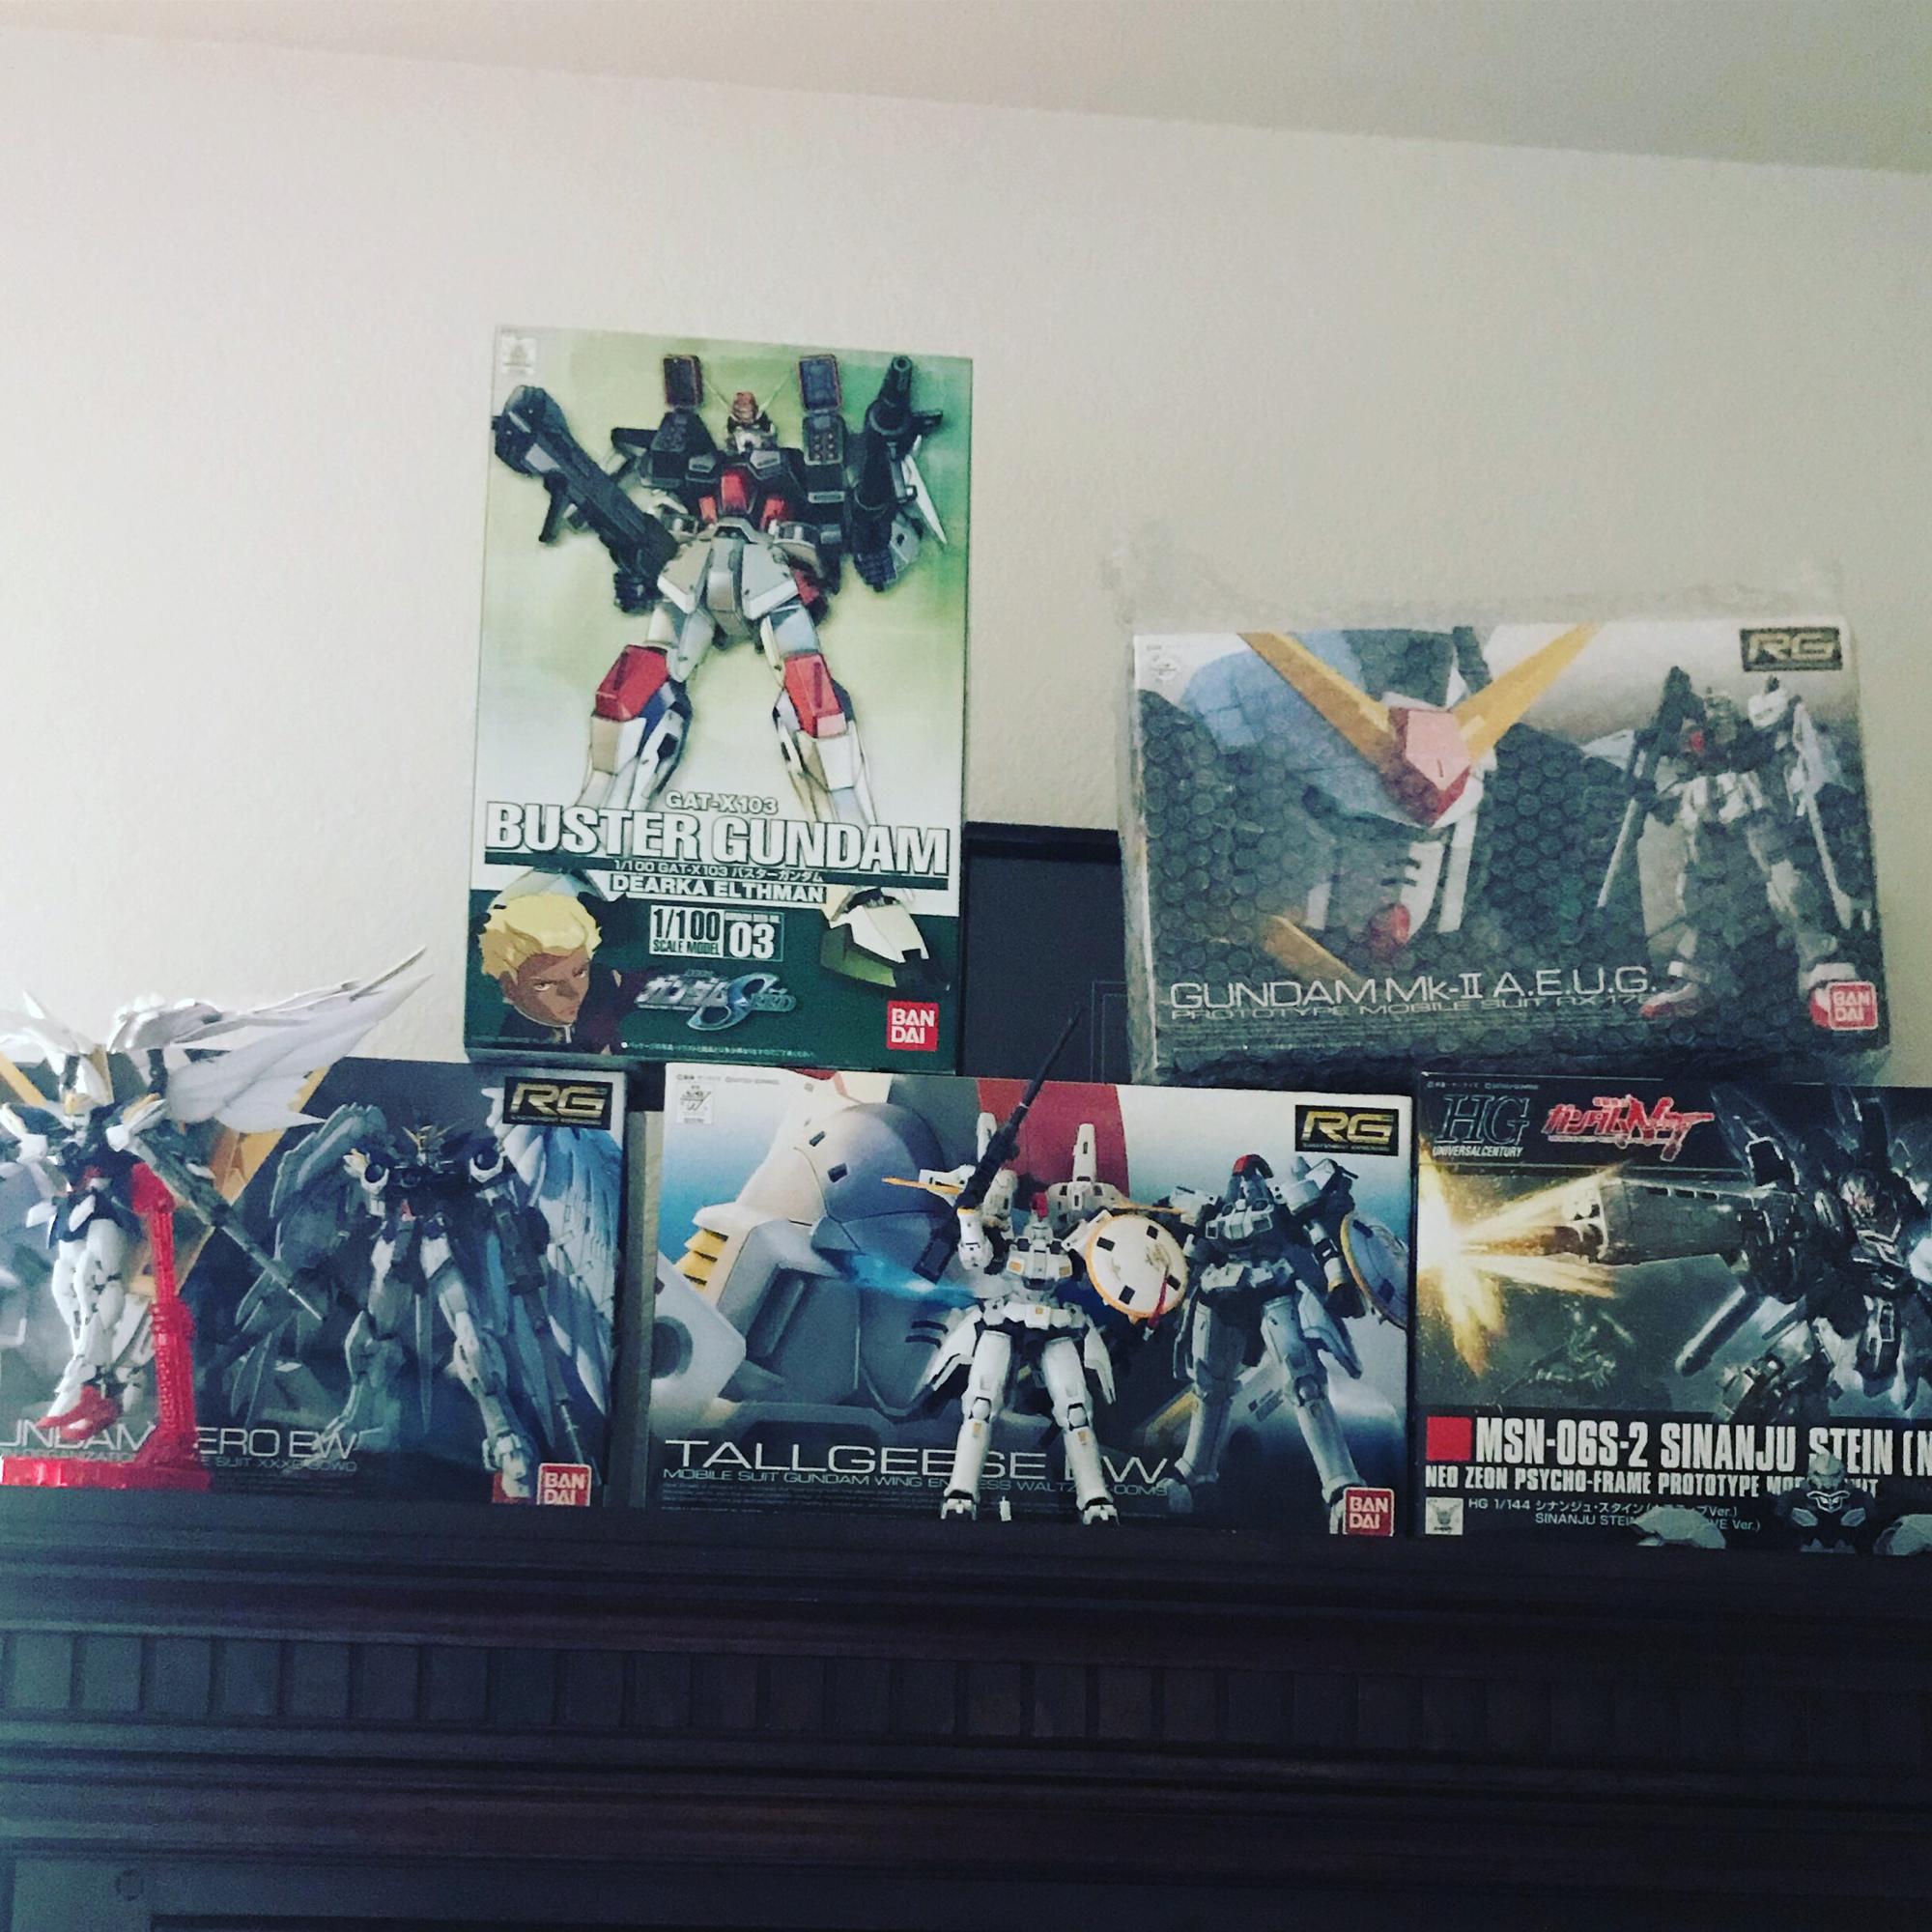 My set I have the Sinanju iv started then Gundam MK then Buster Gundam last! I love GUNPLA!